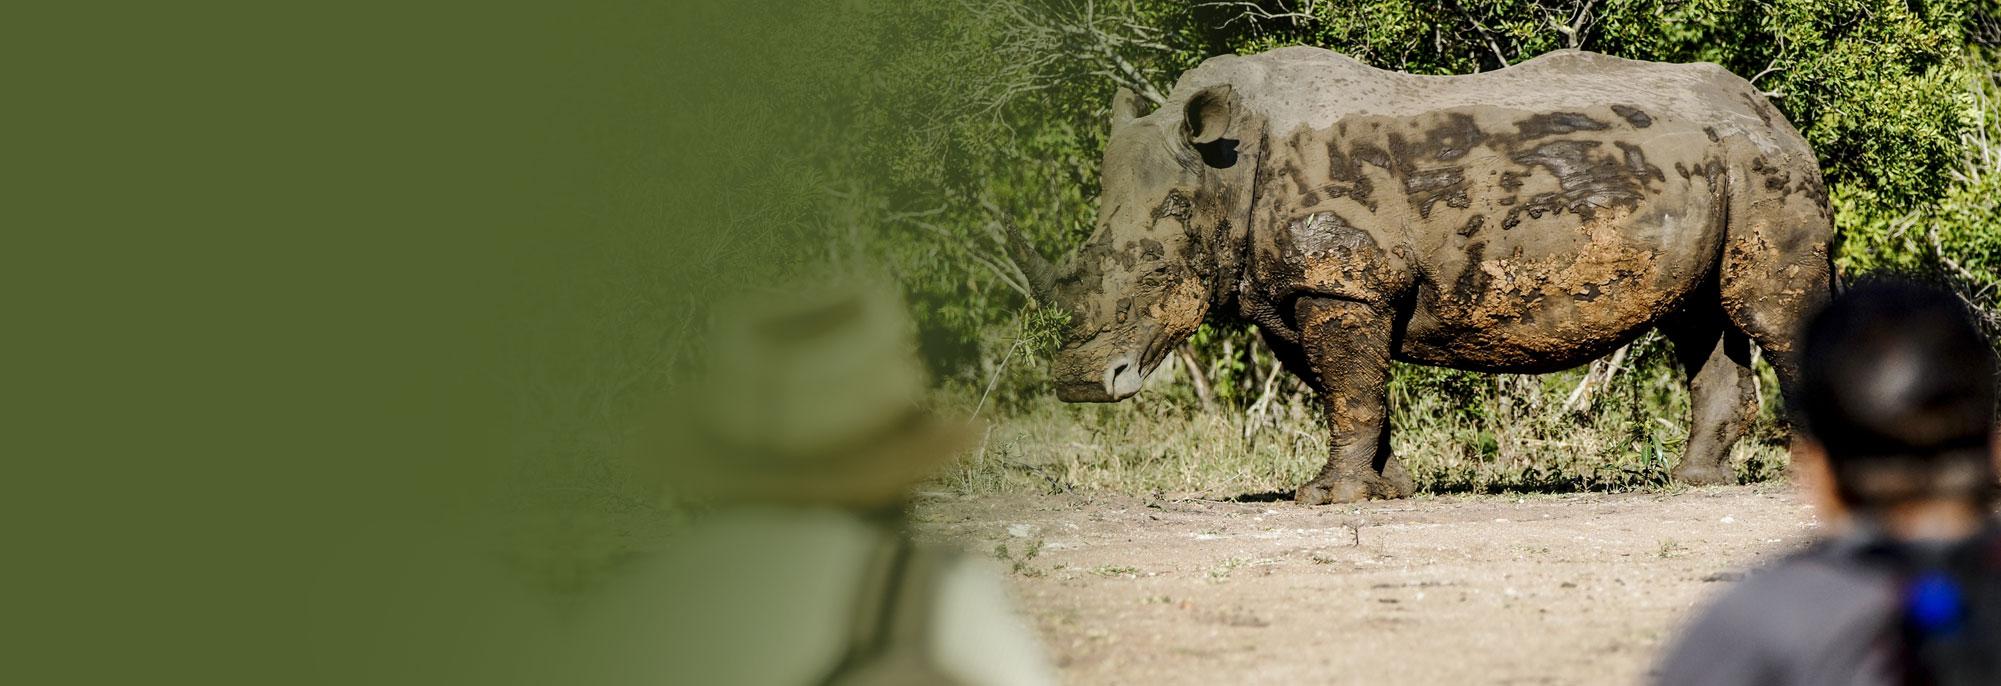 mkhaya game reserve safari in swaziland